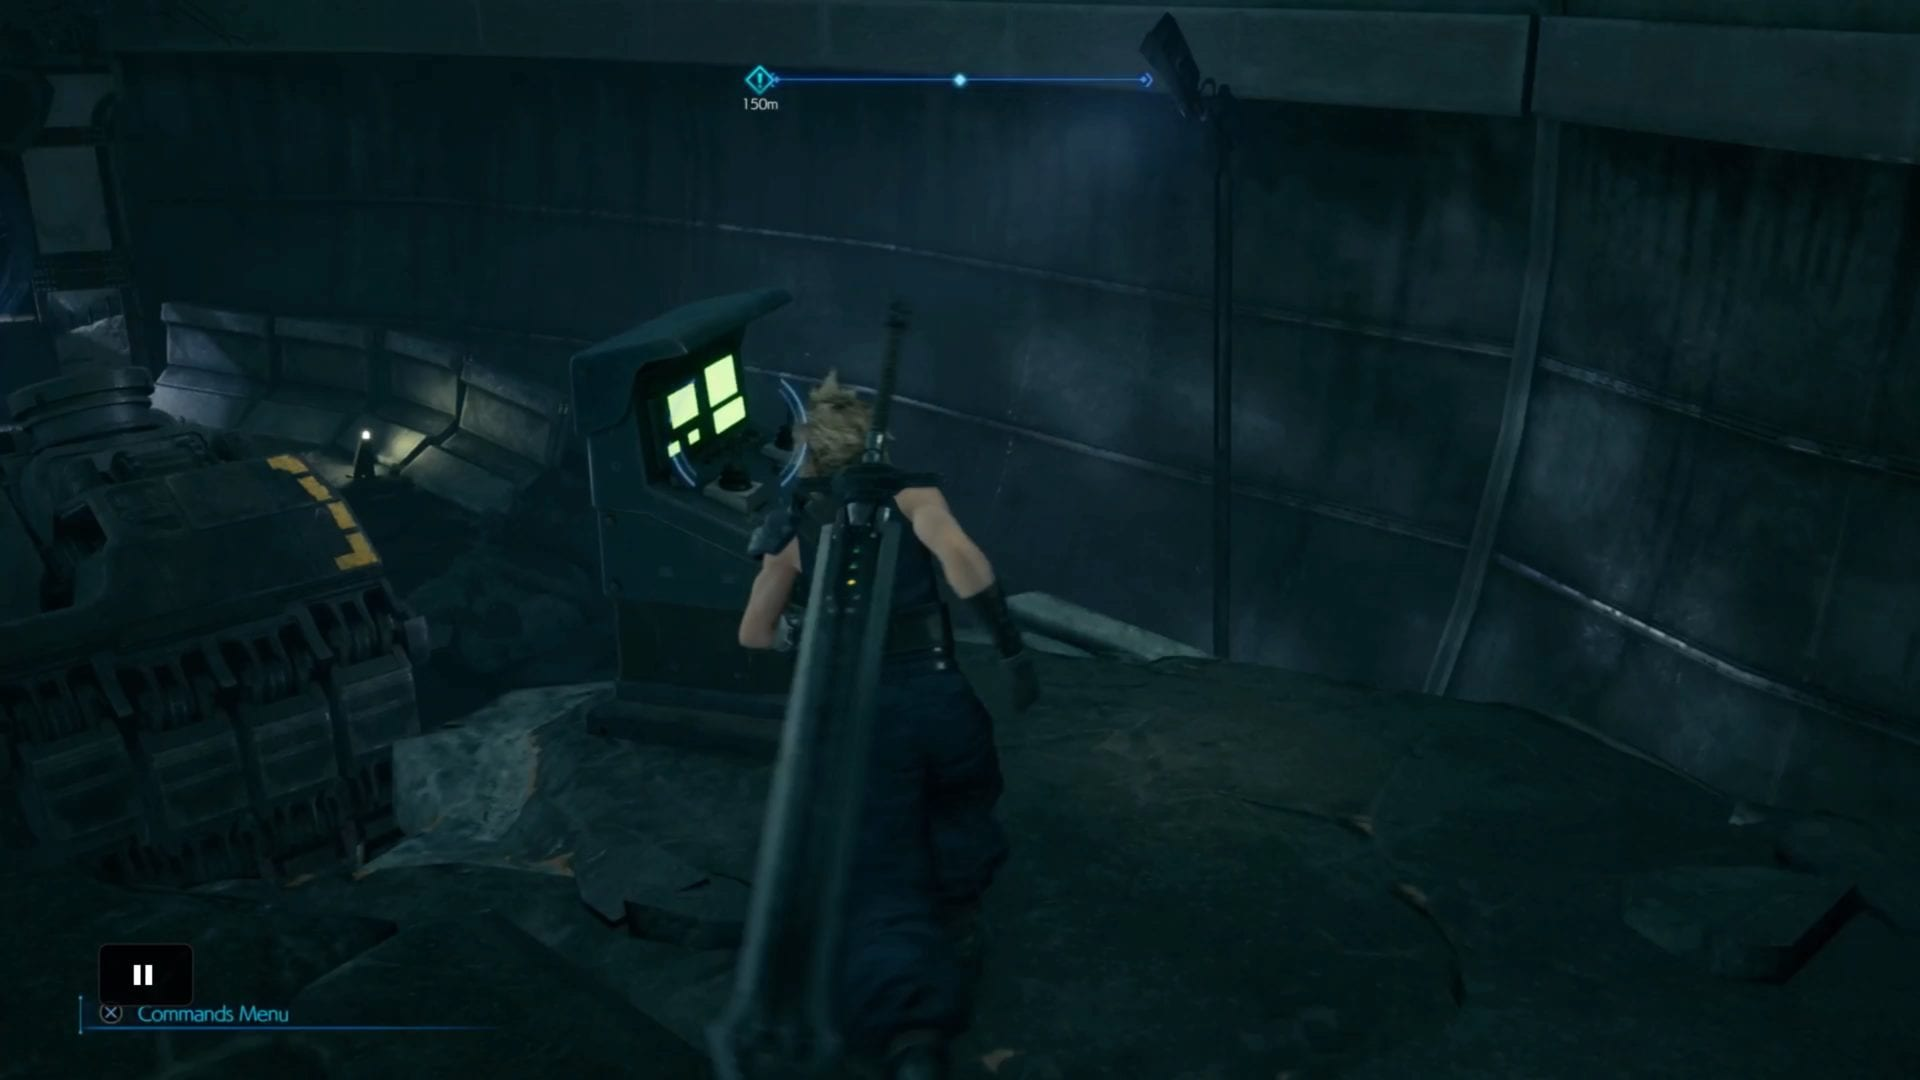 Final Fantasy 7 remake, manos de robot